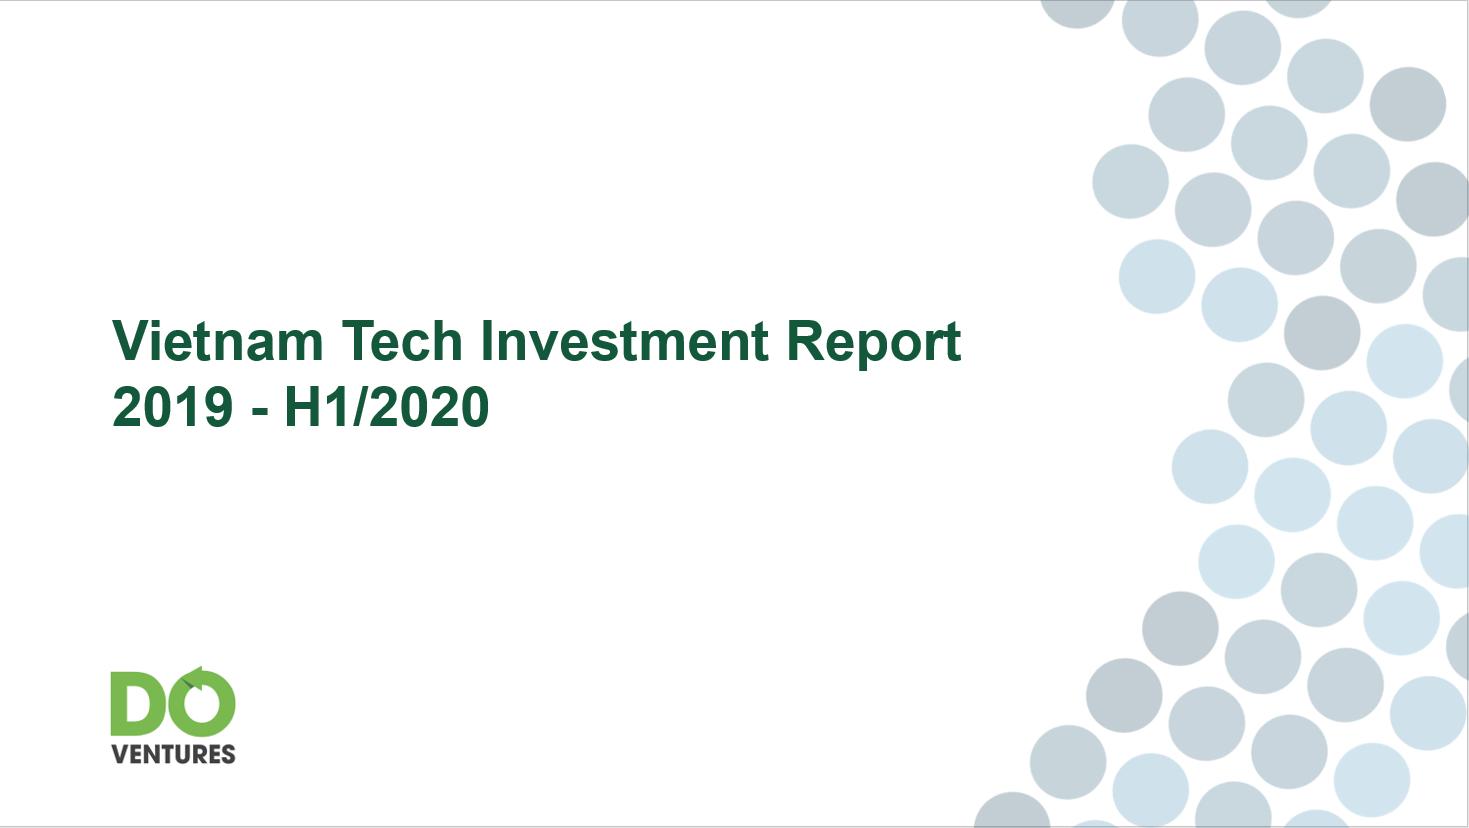 Vietnam Tech Investment Report 2019 - H1 2020